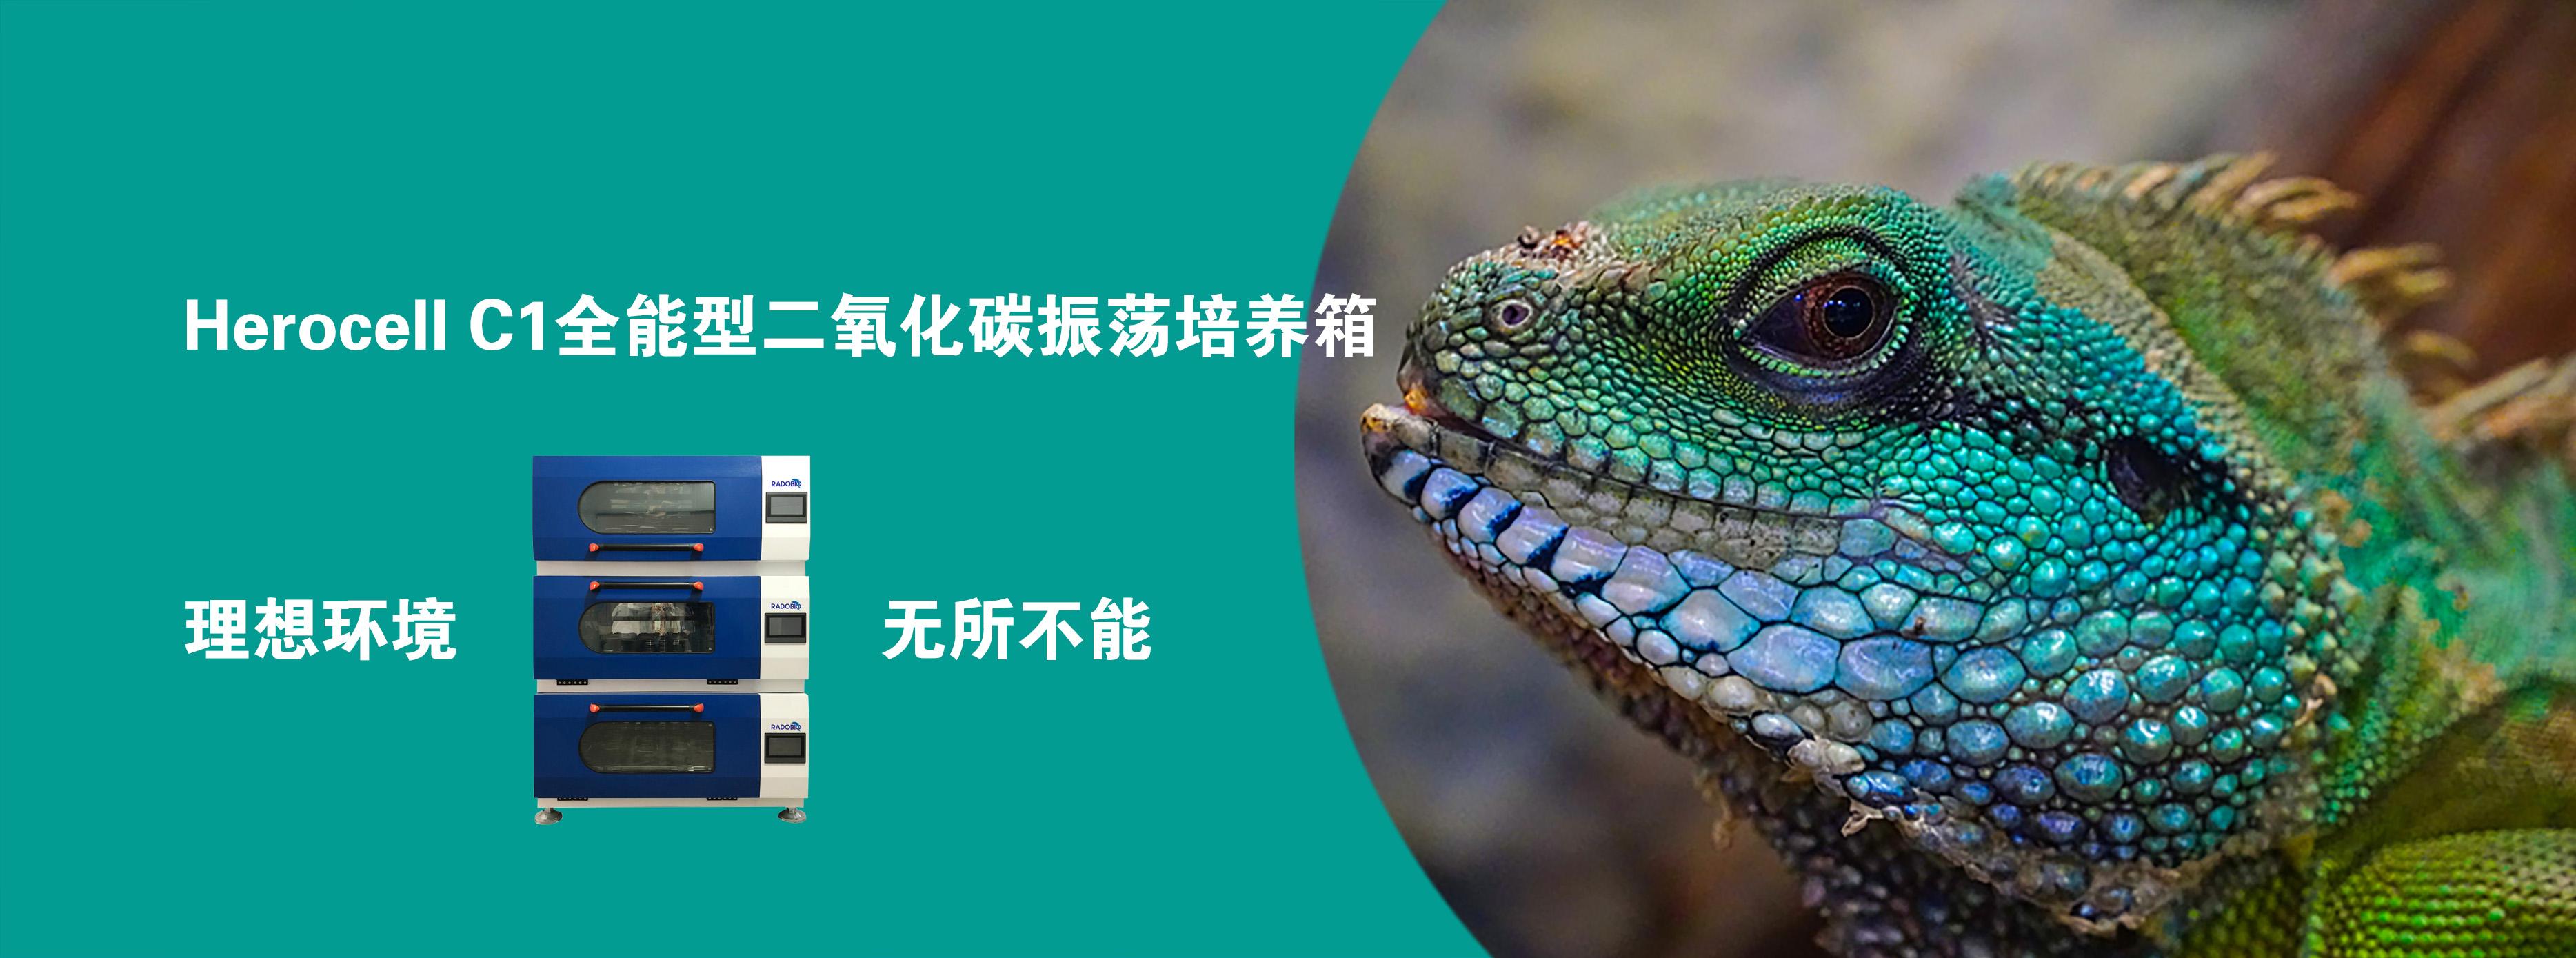 Herocell c1二氧化碳北京赛车官网平台